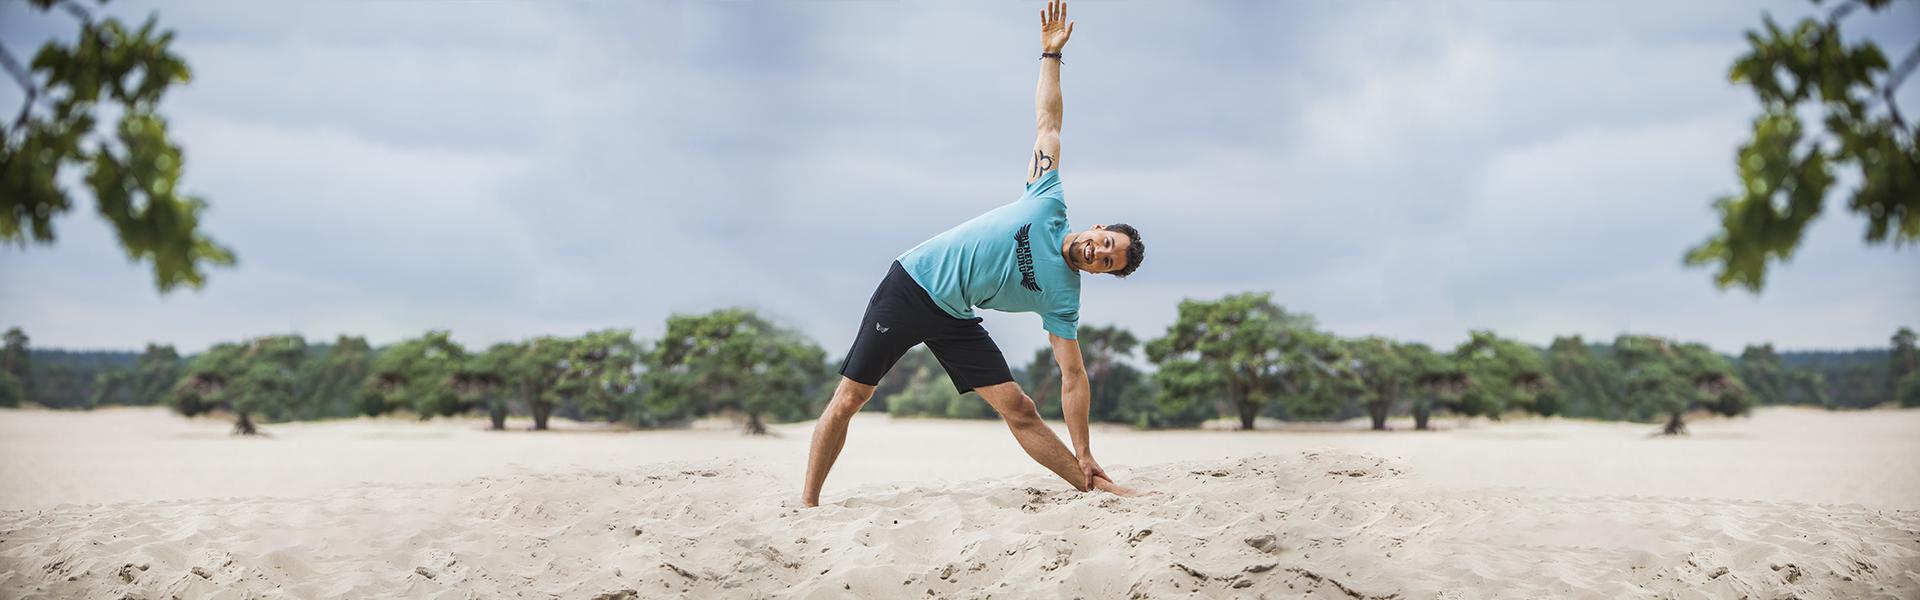 Yoga Tee Moksha Zen – Sea Green from Renegade Guru